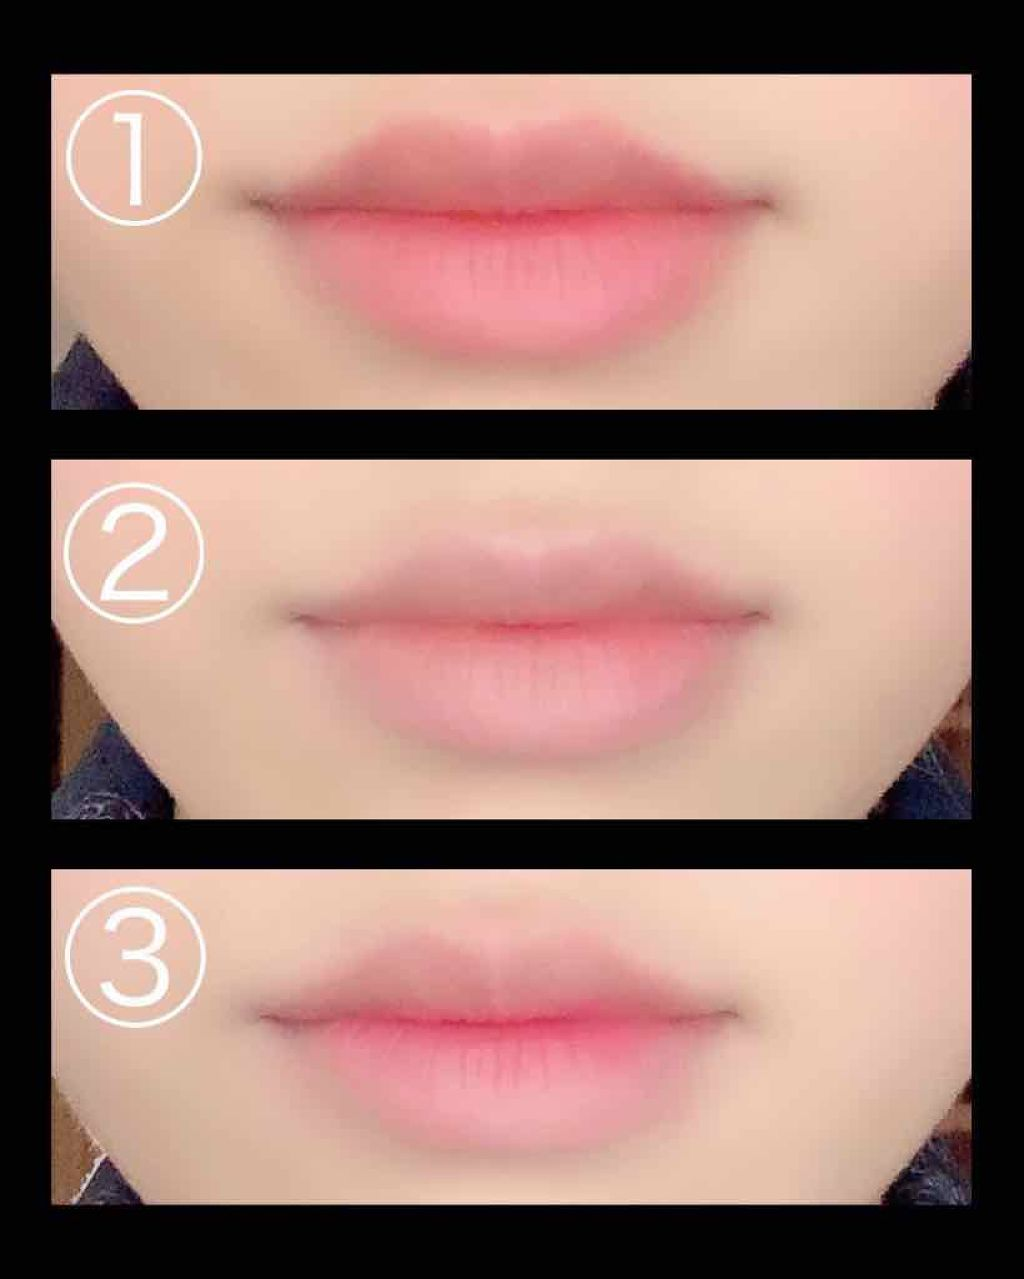 https://cdn.lipscosme.com/image/34949d901d2f4205988ff7e0-1567949348-thumb.png